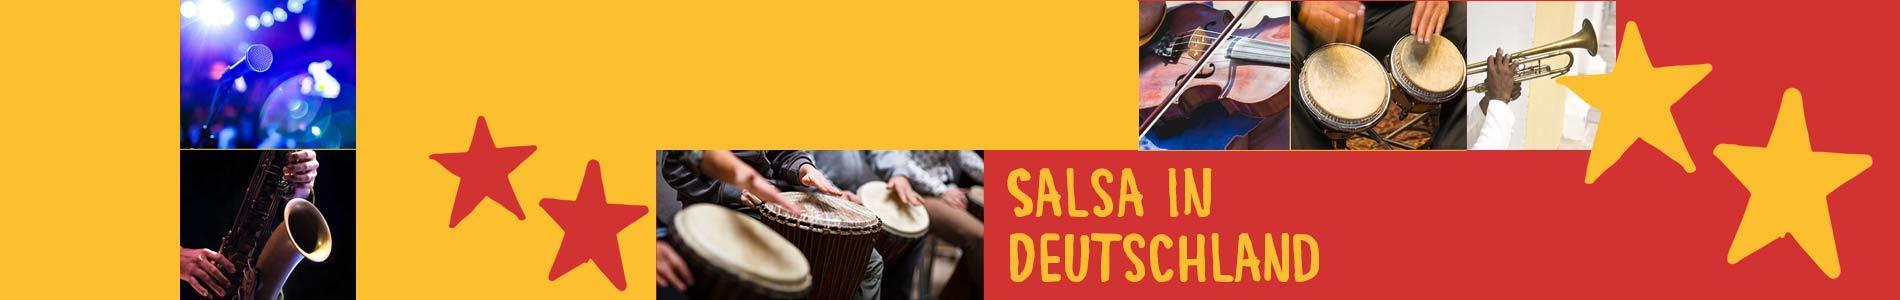 Salsa in Deizisau – Salsa lernen und tanzen, Tanzkurse, Partys, Veranstaltungen